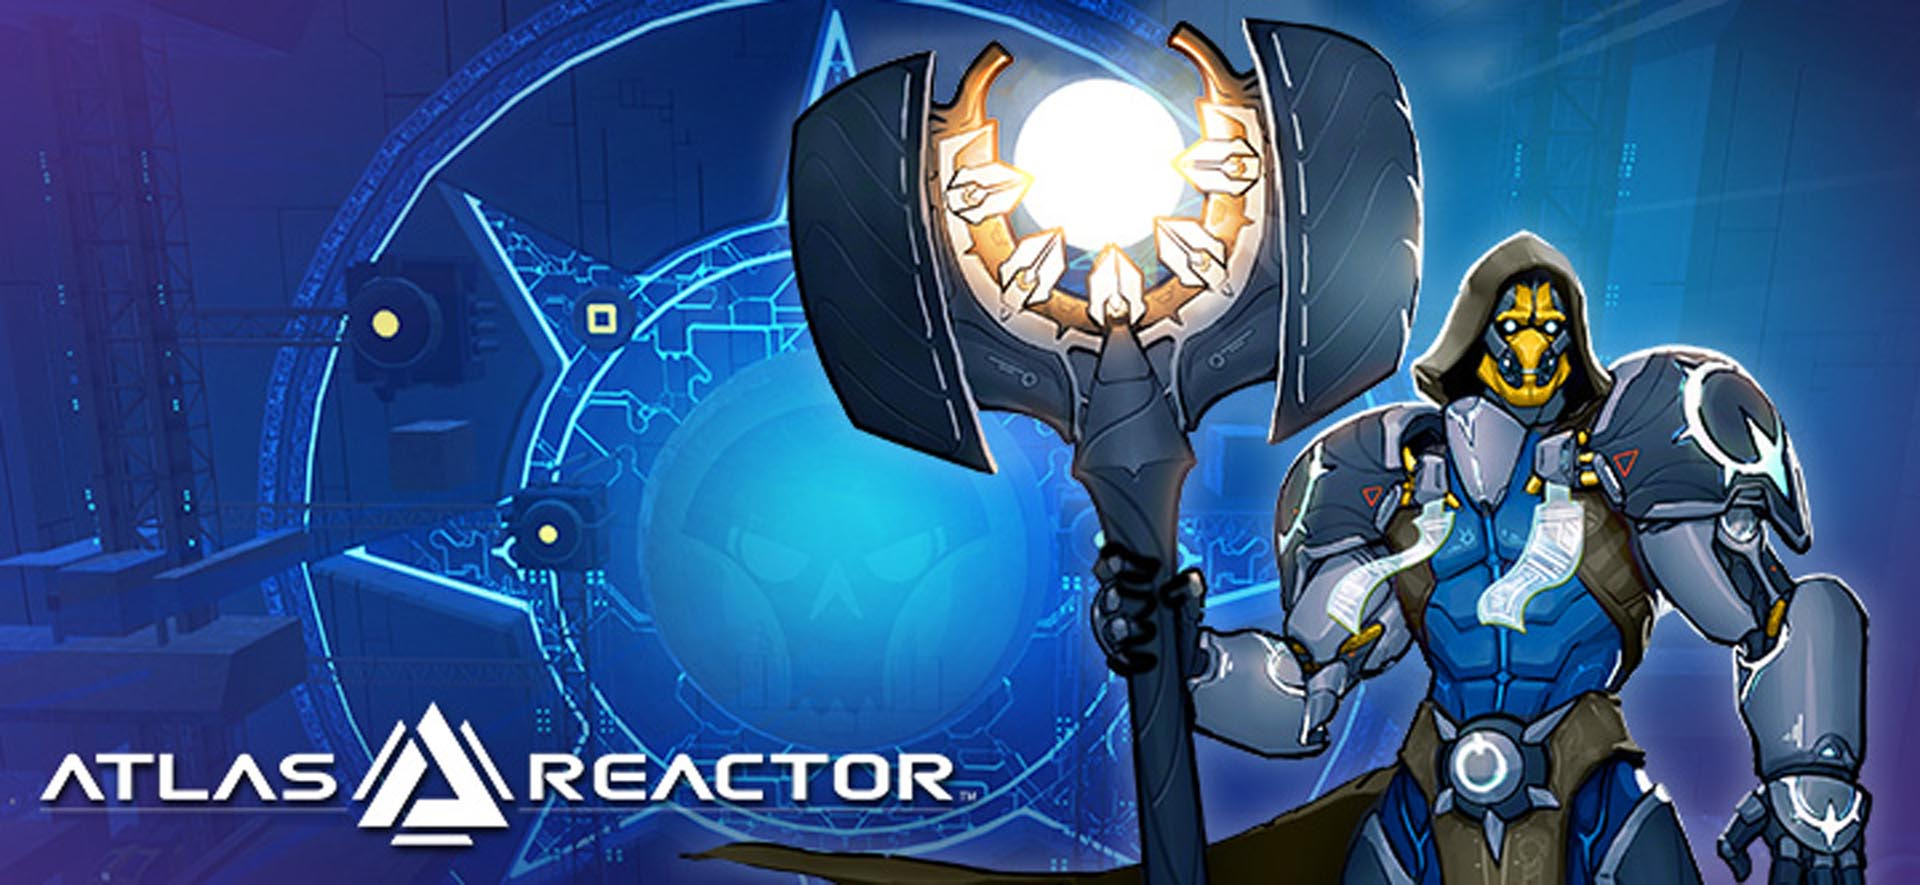 Atlas Reactor: Staffel 3 bringt neuen Freelancer, neue Karte und mehr